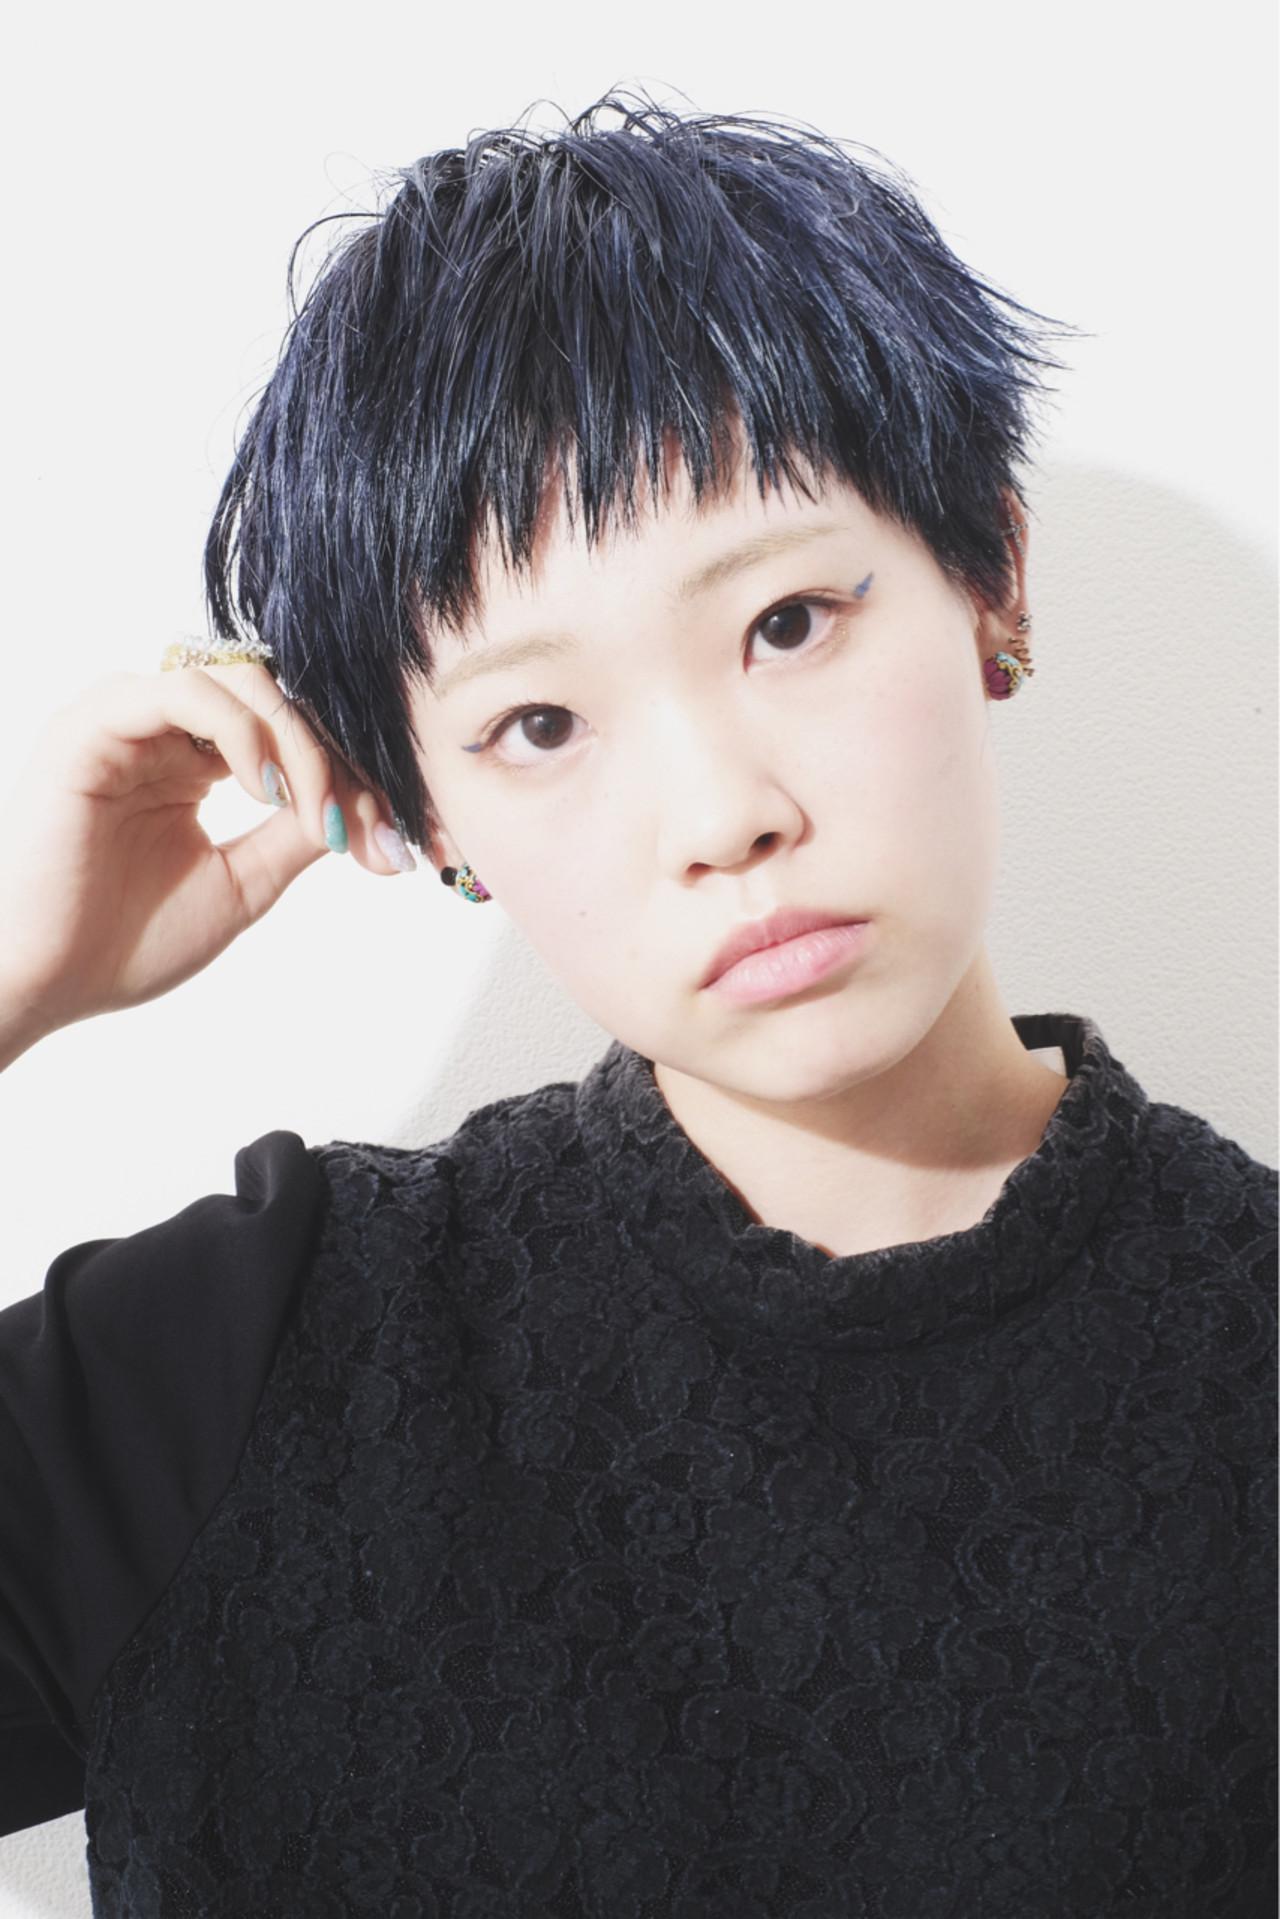 オン眉黒髪でタイトな美人ベリーショート 倉地 雄介